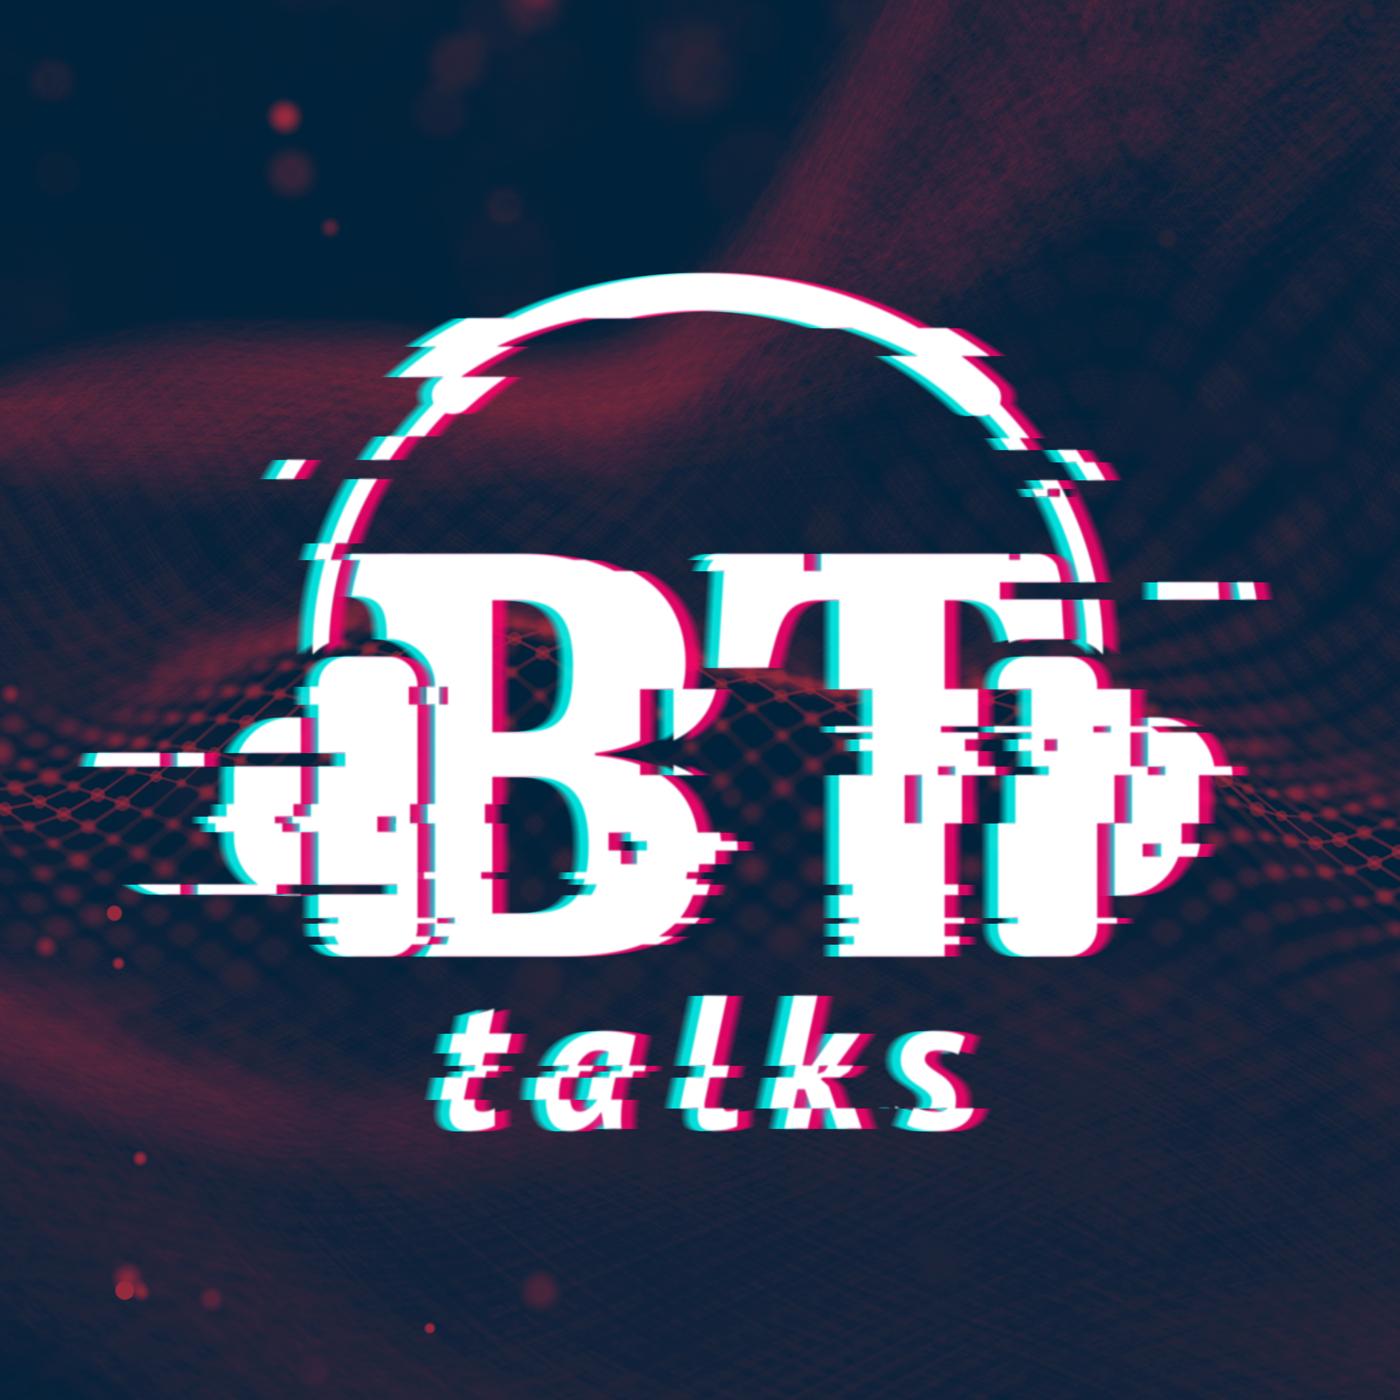 BT Talks show art